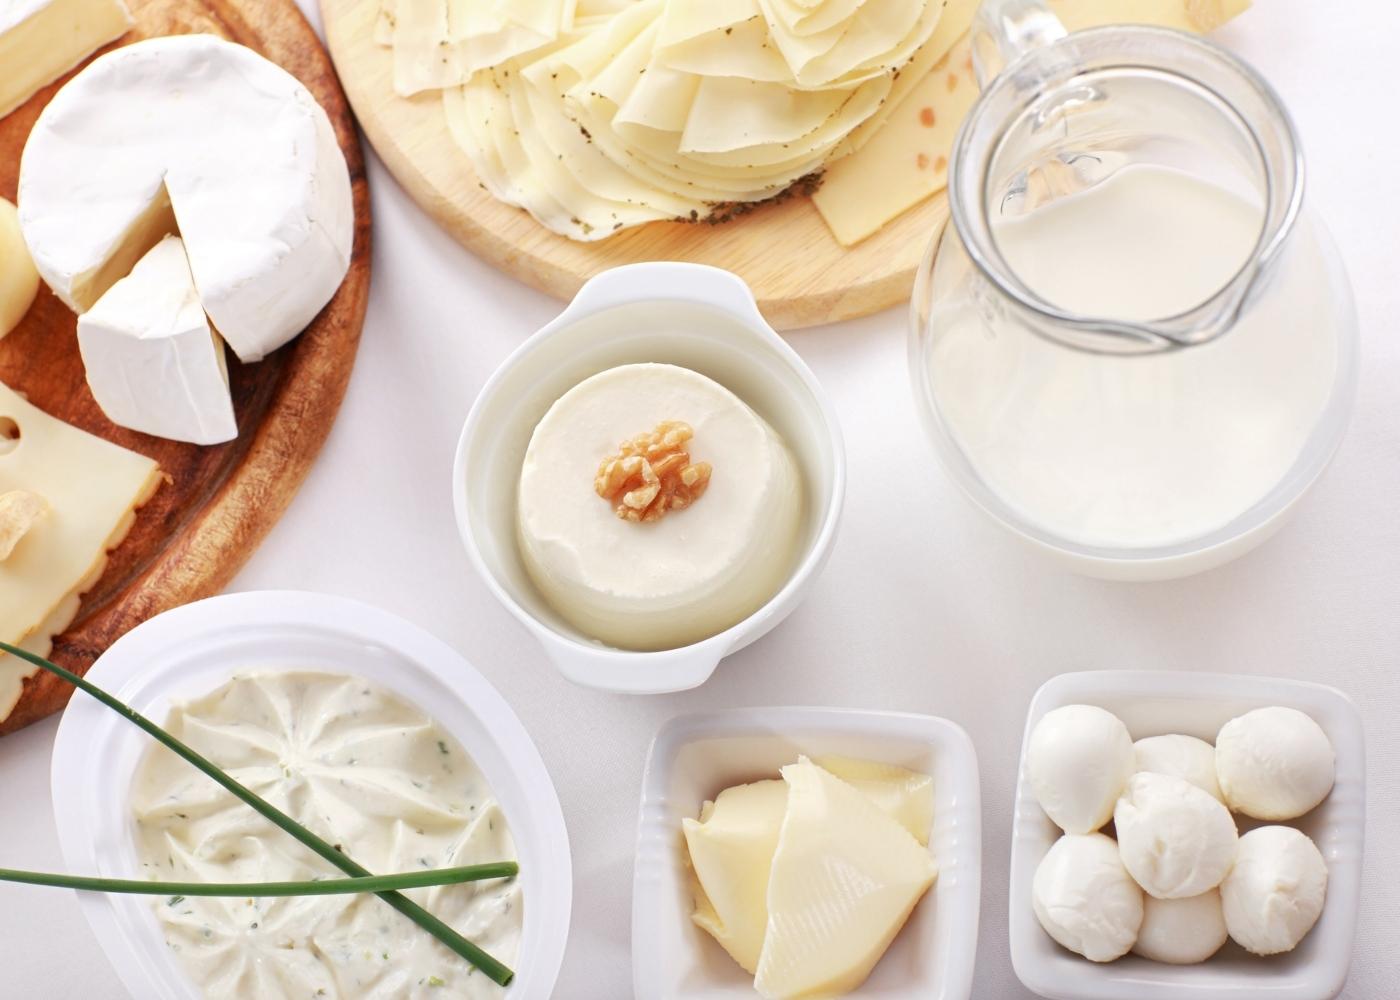 Variedade de queijos e jarro de leite